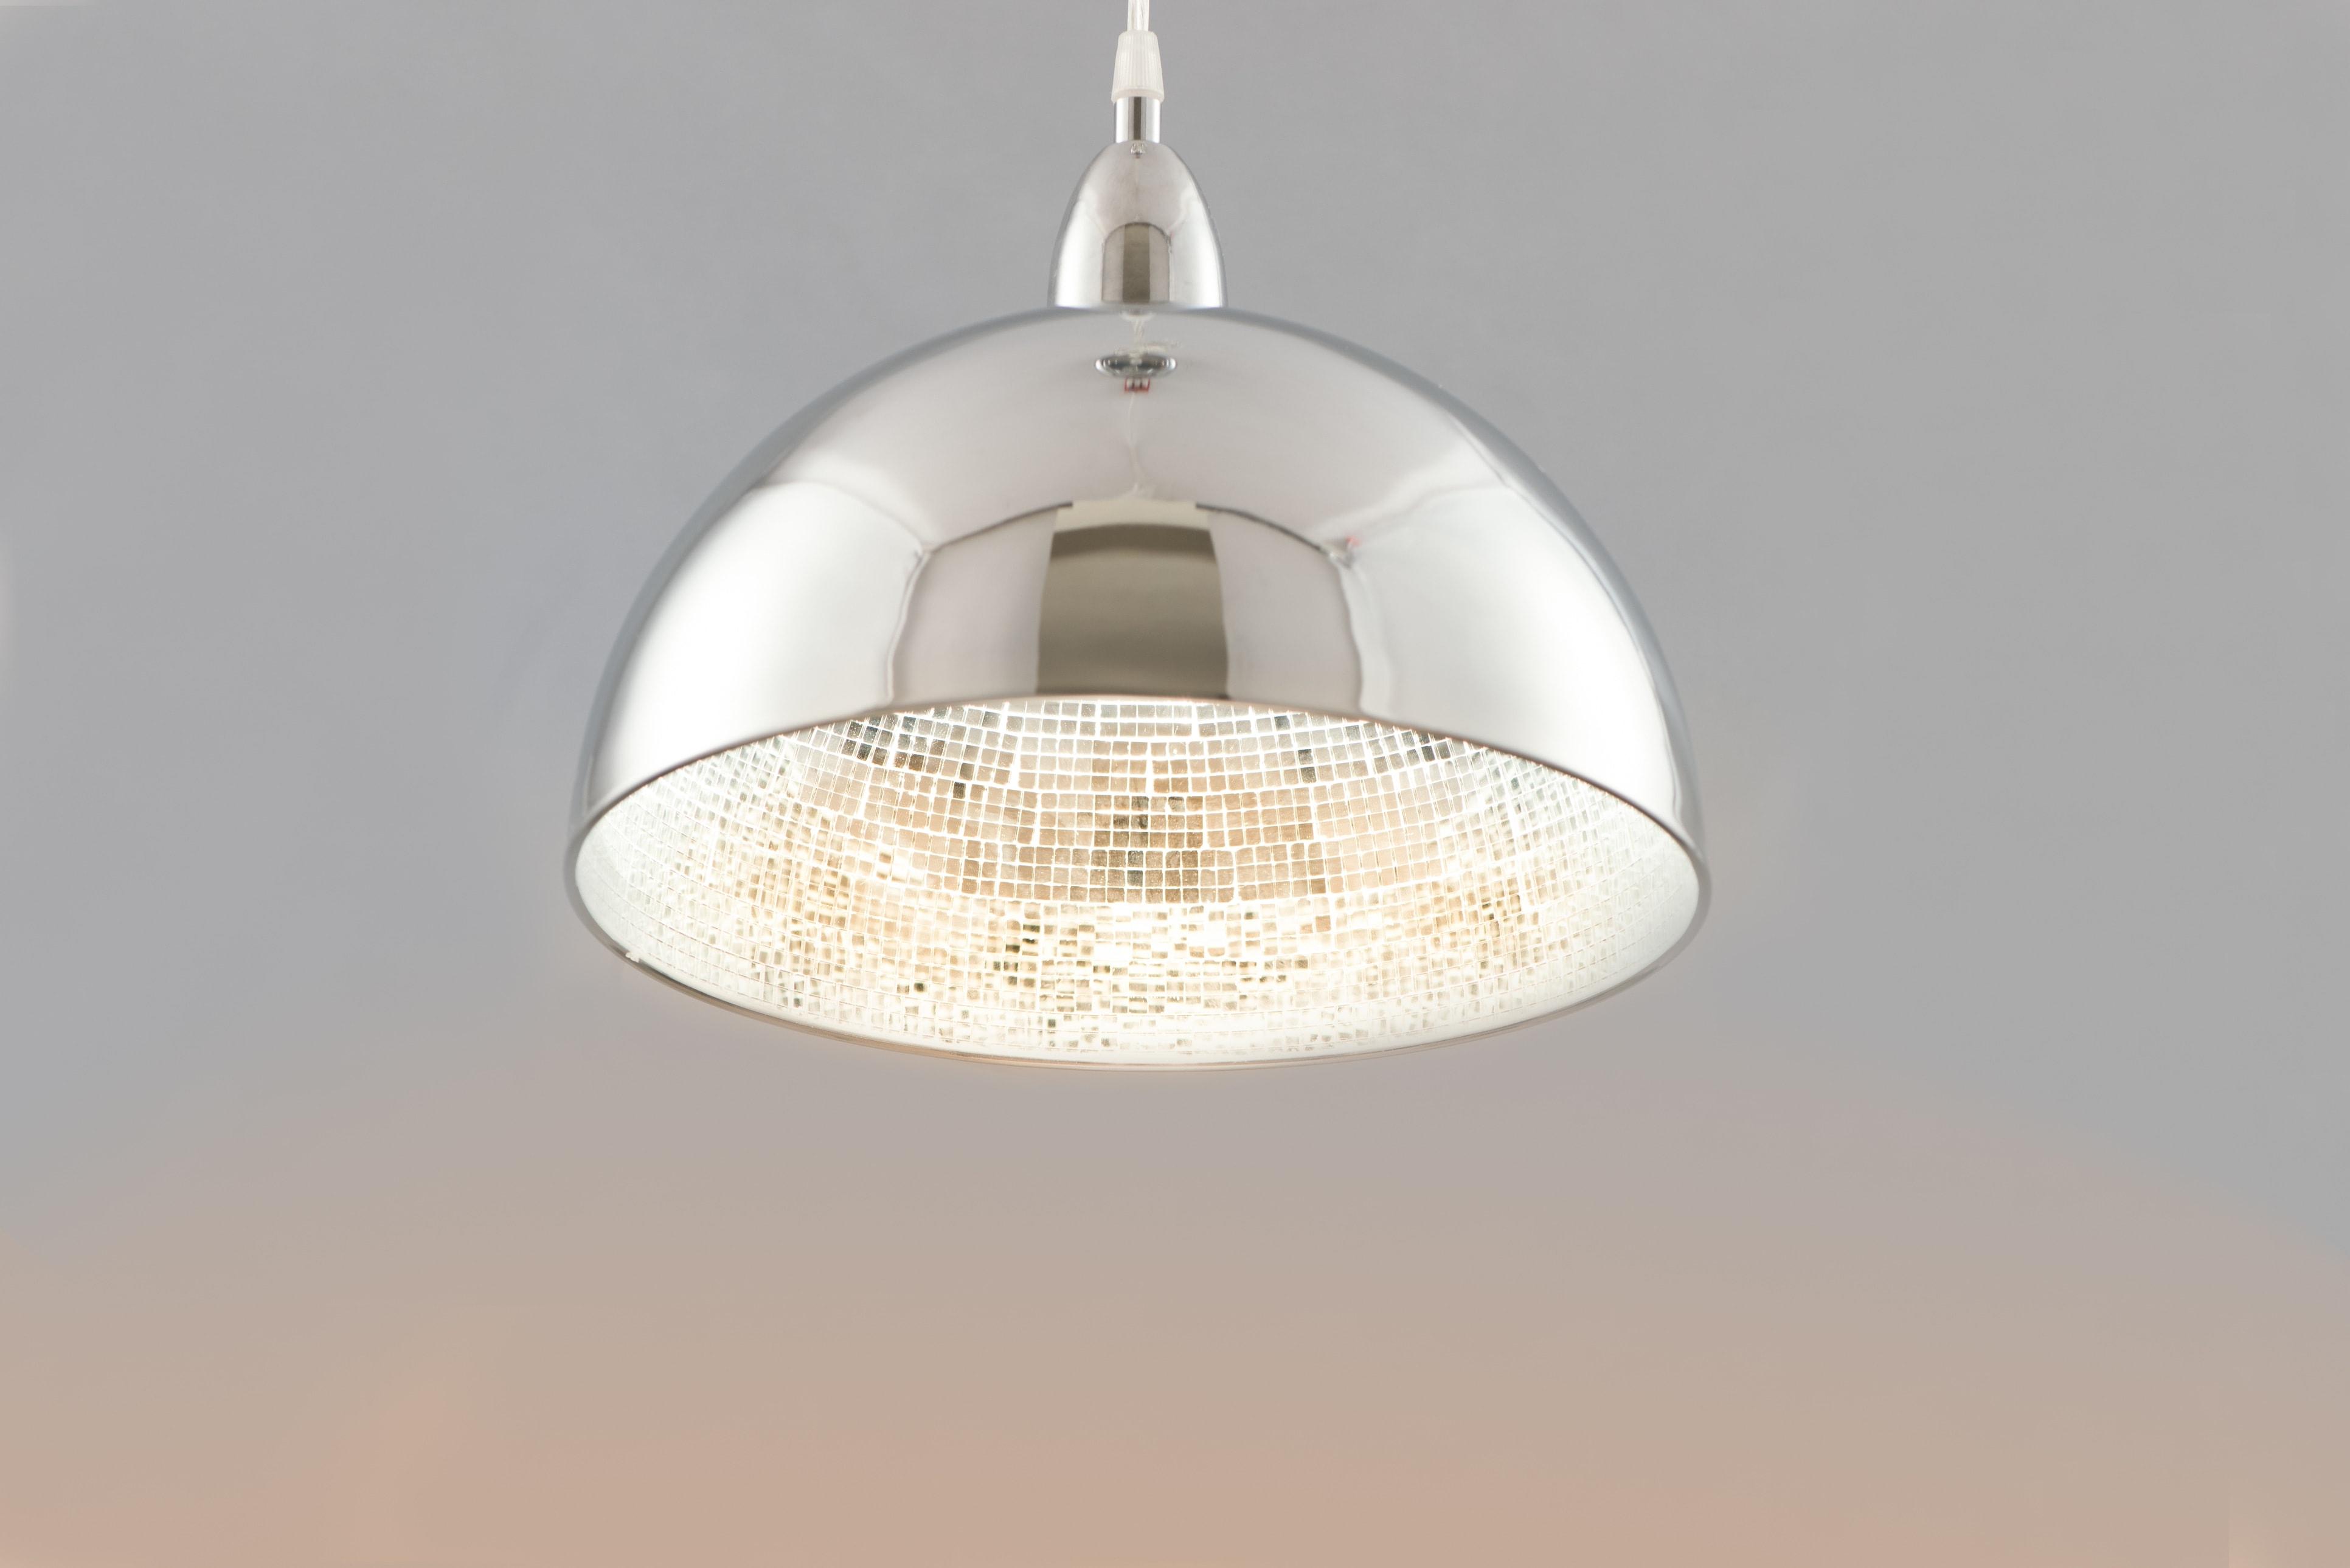 內貼鏡面玻璃馬賽克金屬吊燈-BNL00083 0